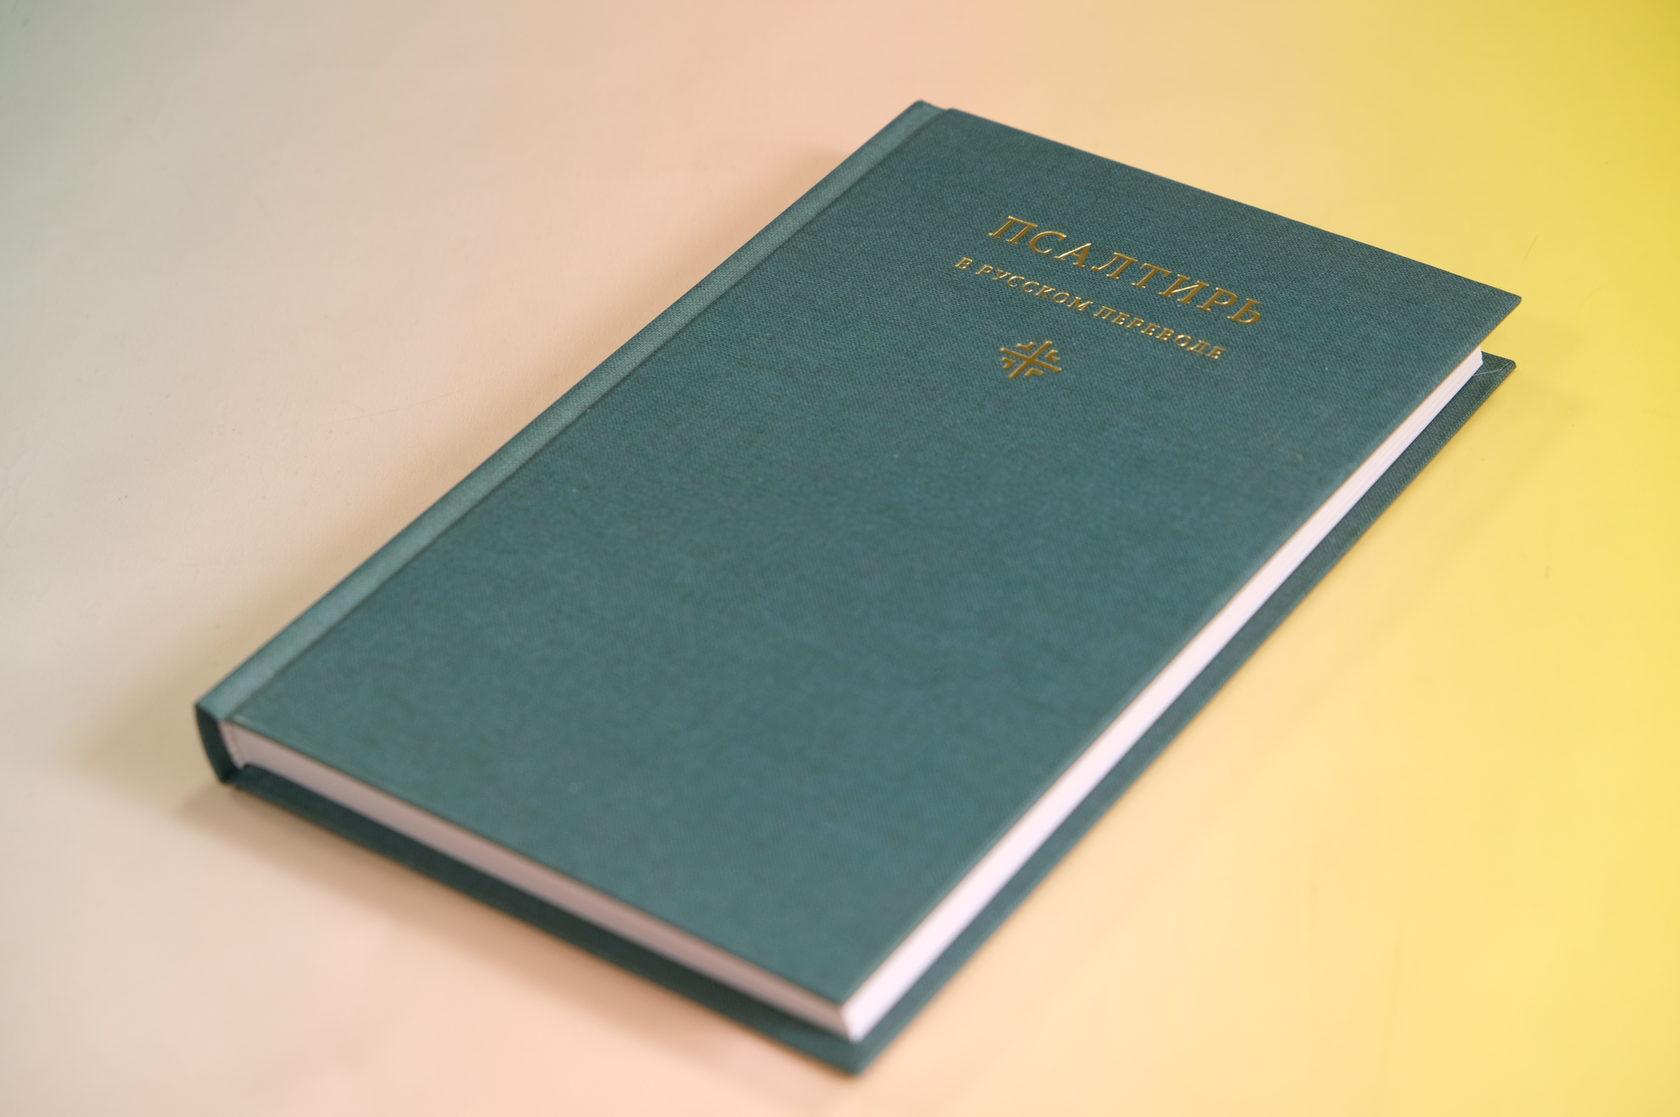 «Псалтирь в русском переводе иеромонаха Амвросия (Тимрота)» 978-5-907202-14-6